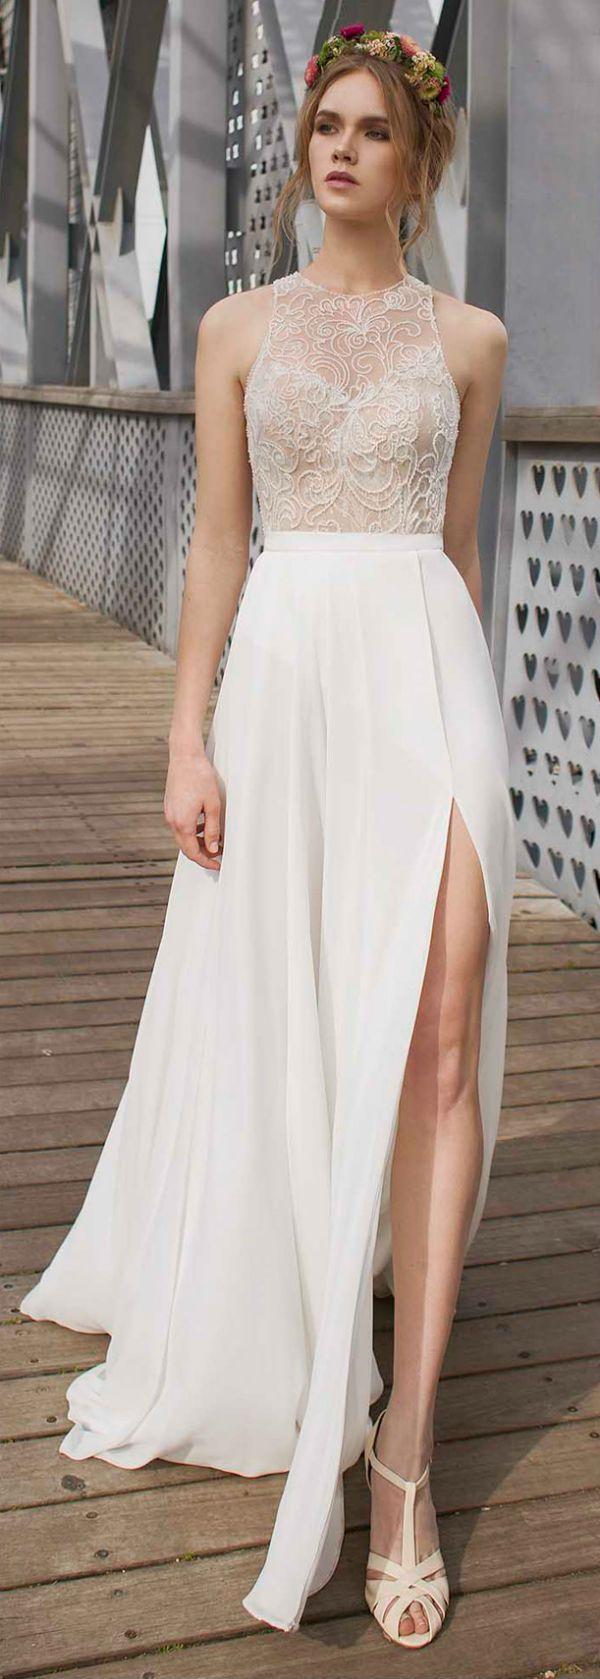 5d5c4ac3a1 Bridal dress